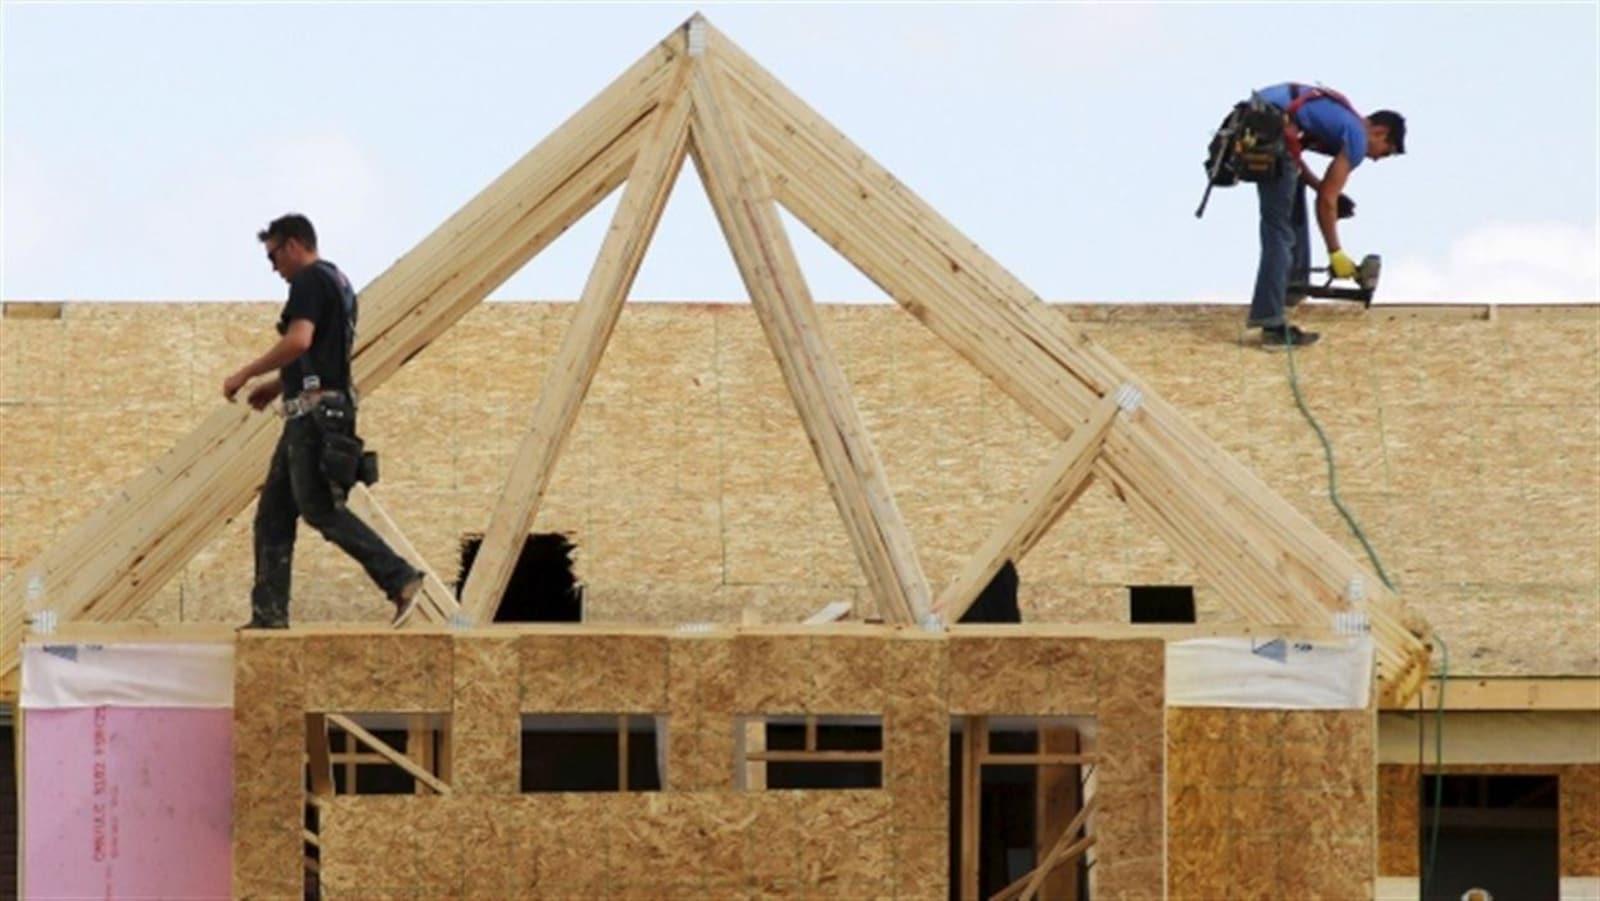 Des travailleurs de la construction construisent une maison